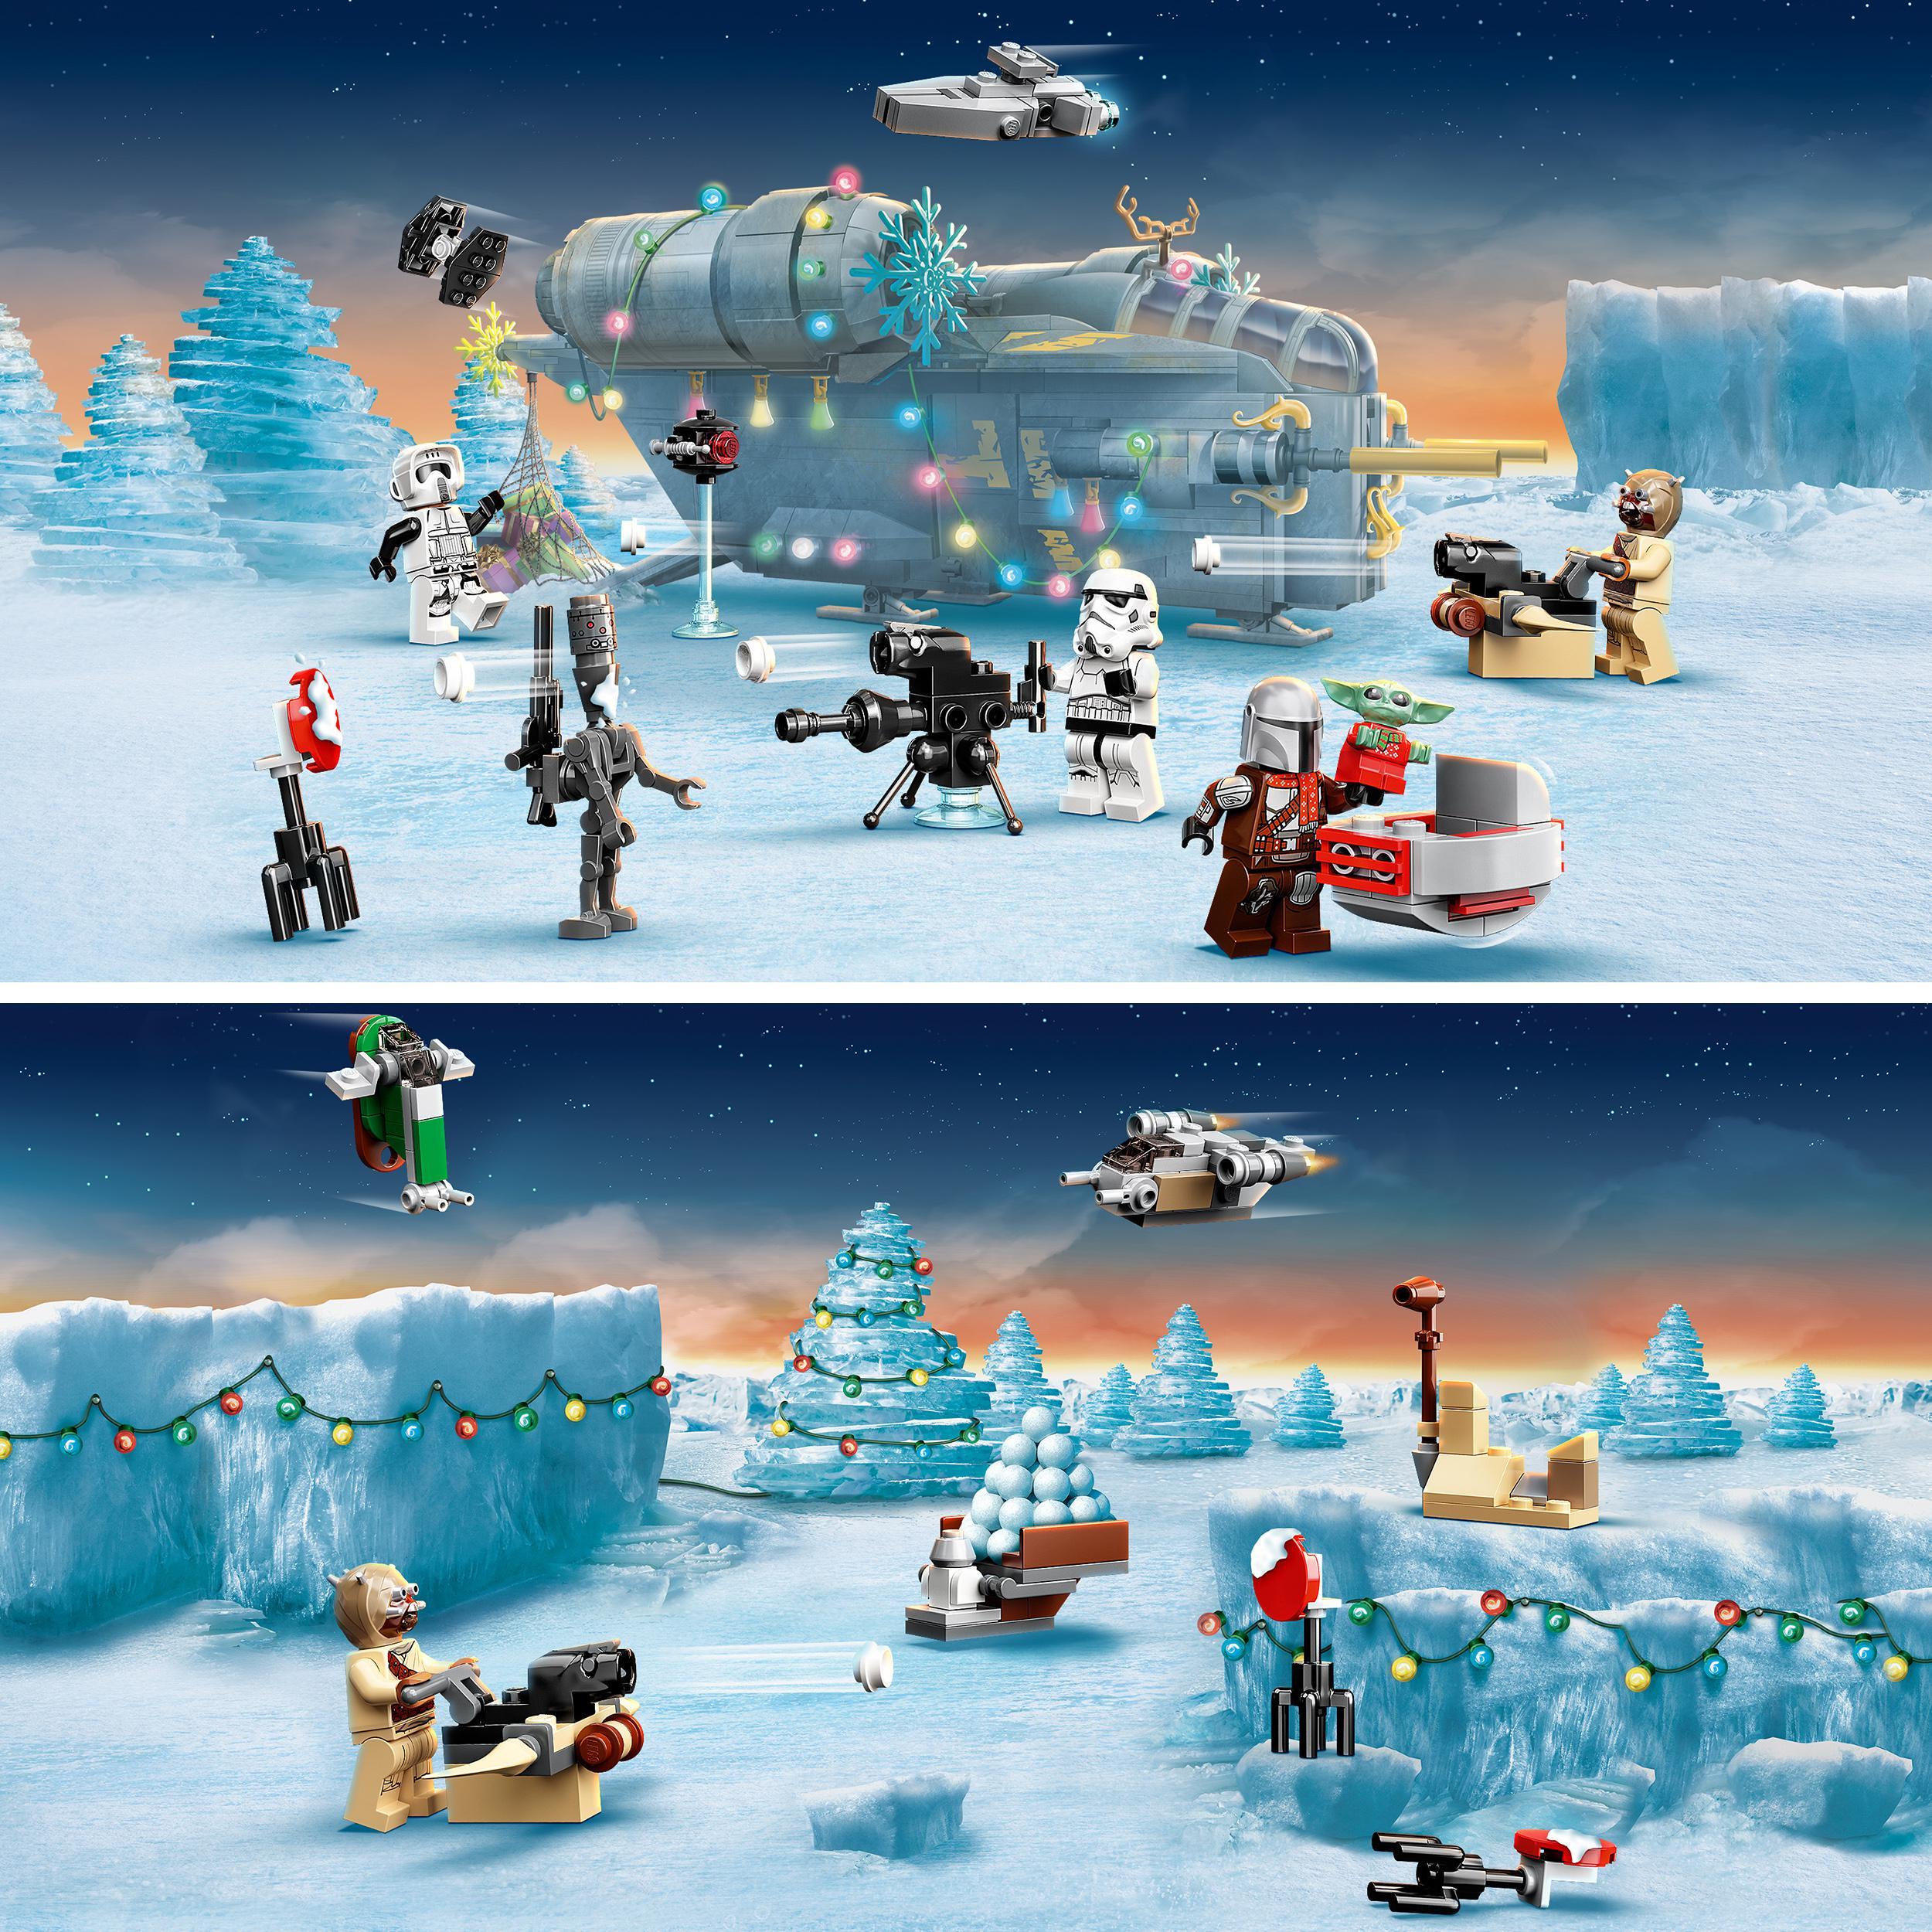 Lego star wars calendario dell'avvento 2021, il regalo natalizio mandaloriano per bambini dai 6 anni in su con mini baby yoda, 75307 - Lego